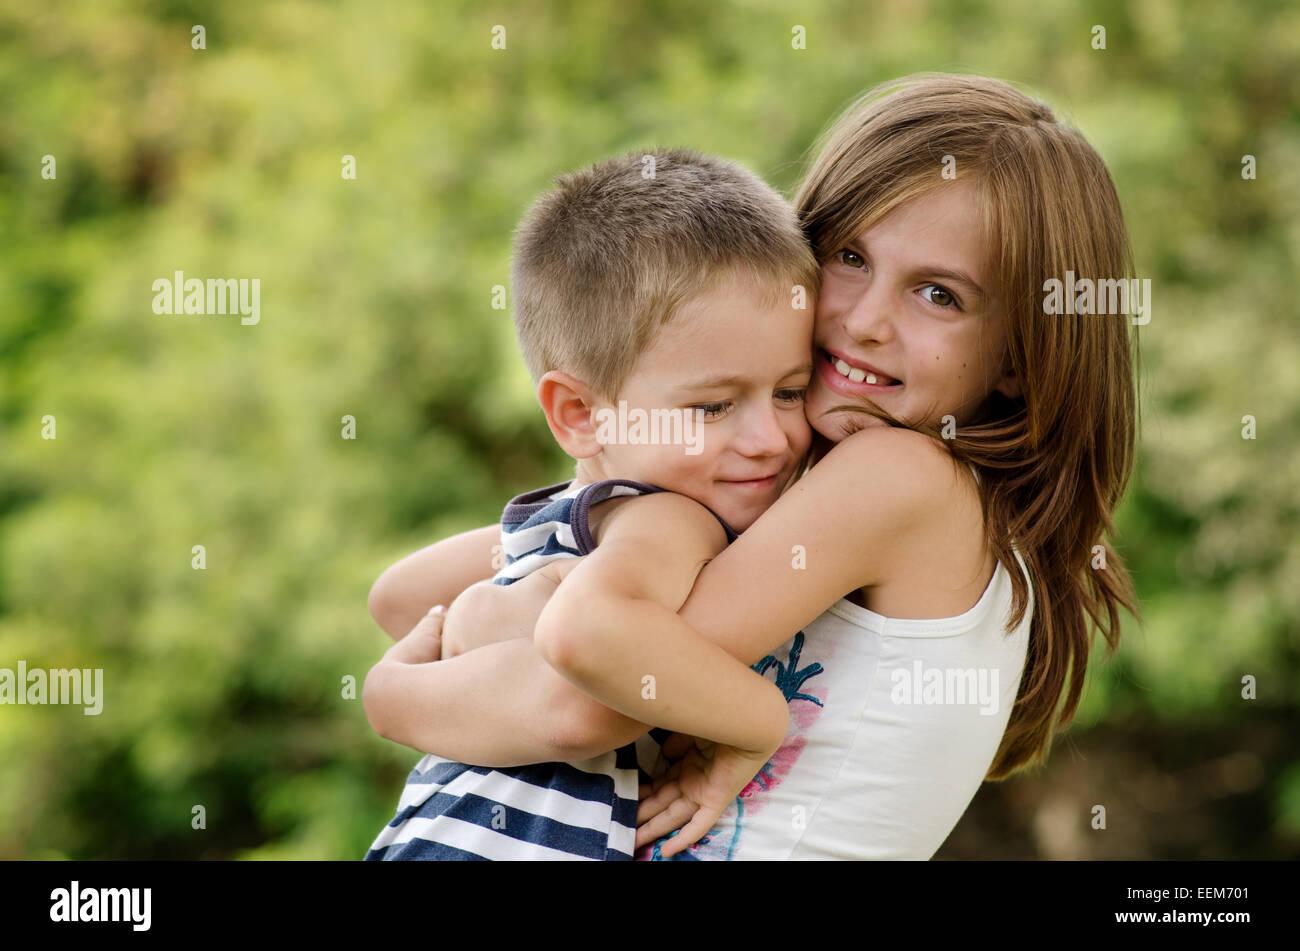 Bulgaria, Hermanos (4-5, 8-9) abrazos Imagen De Stock